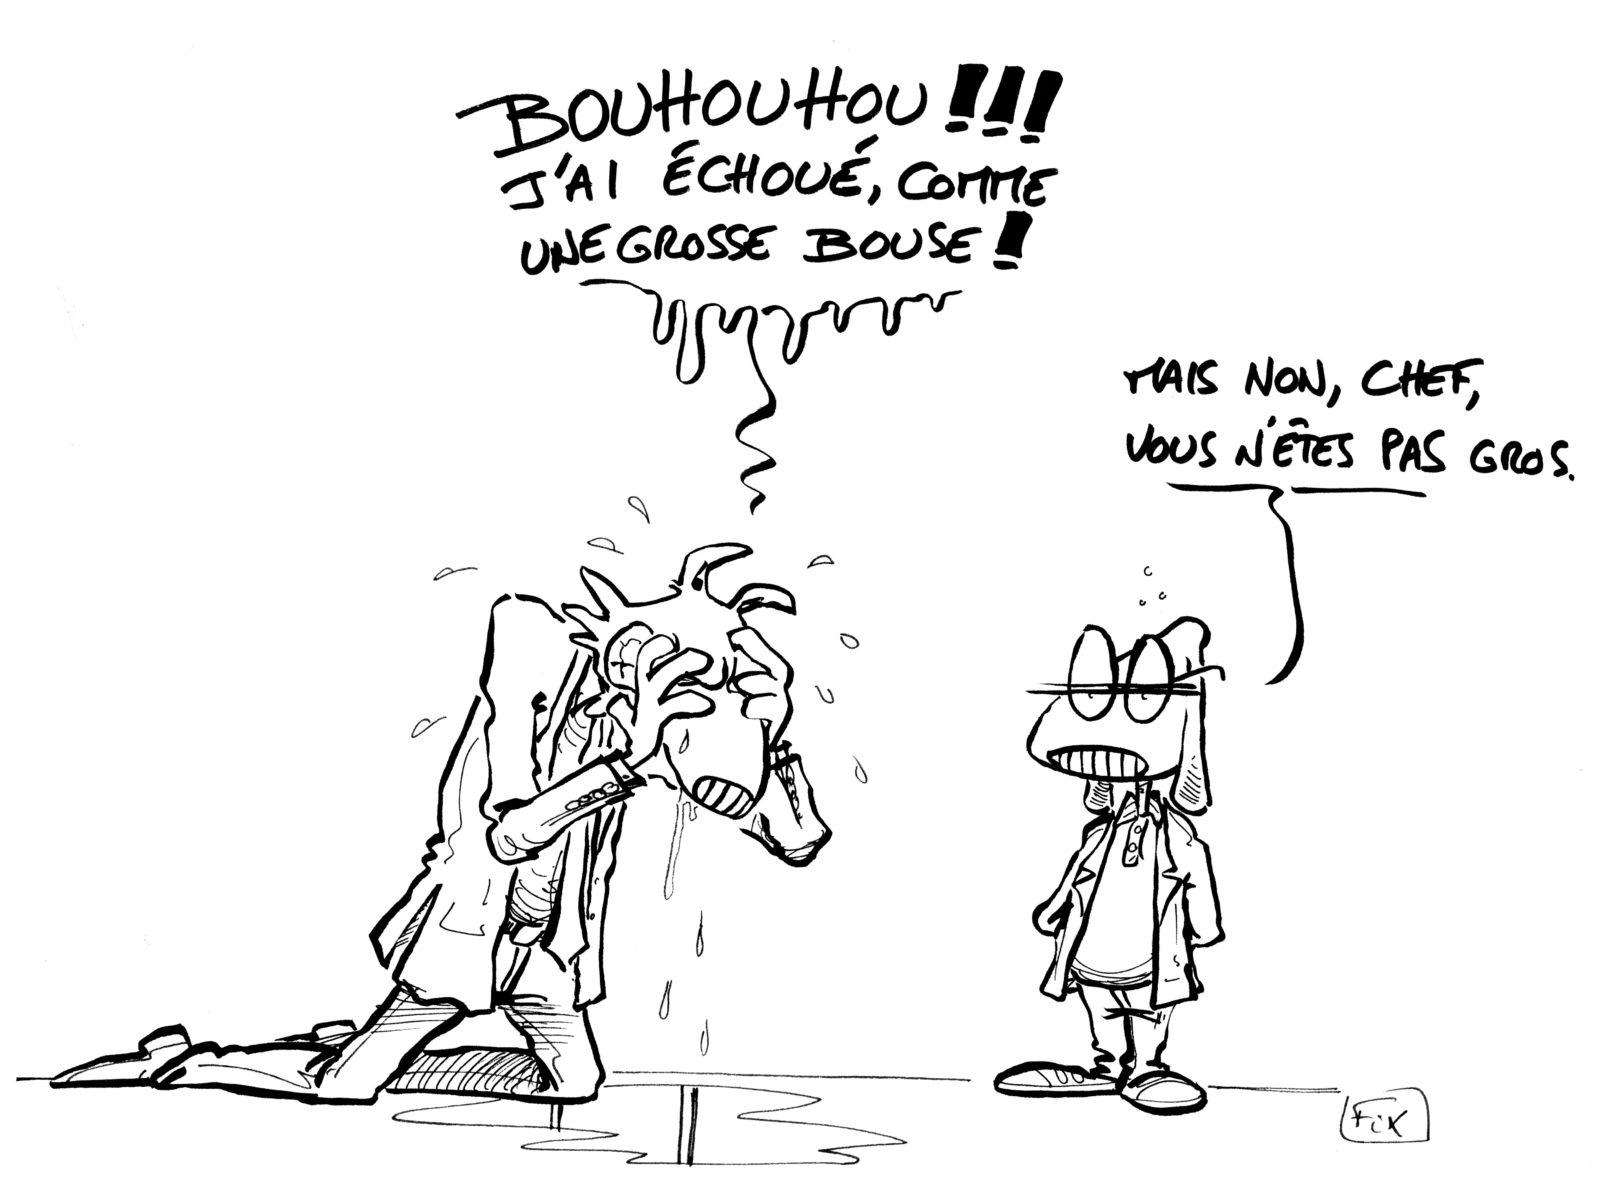 Le Management Illustr Sort En Librairie Aujourdhui